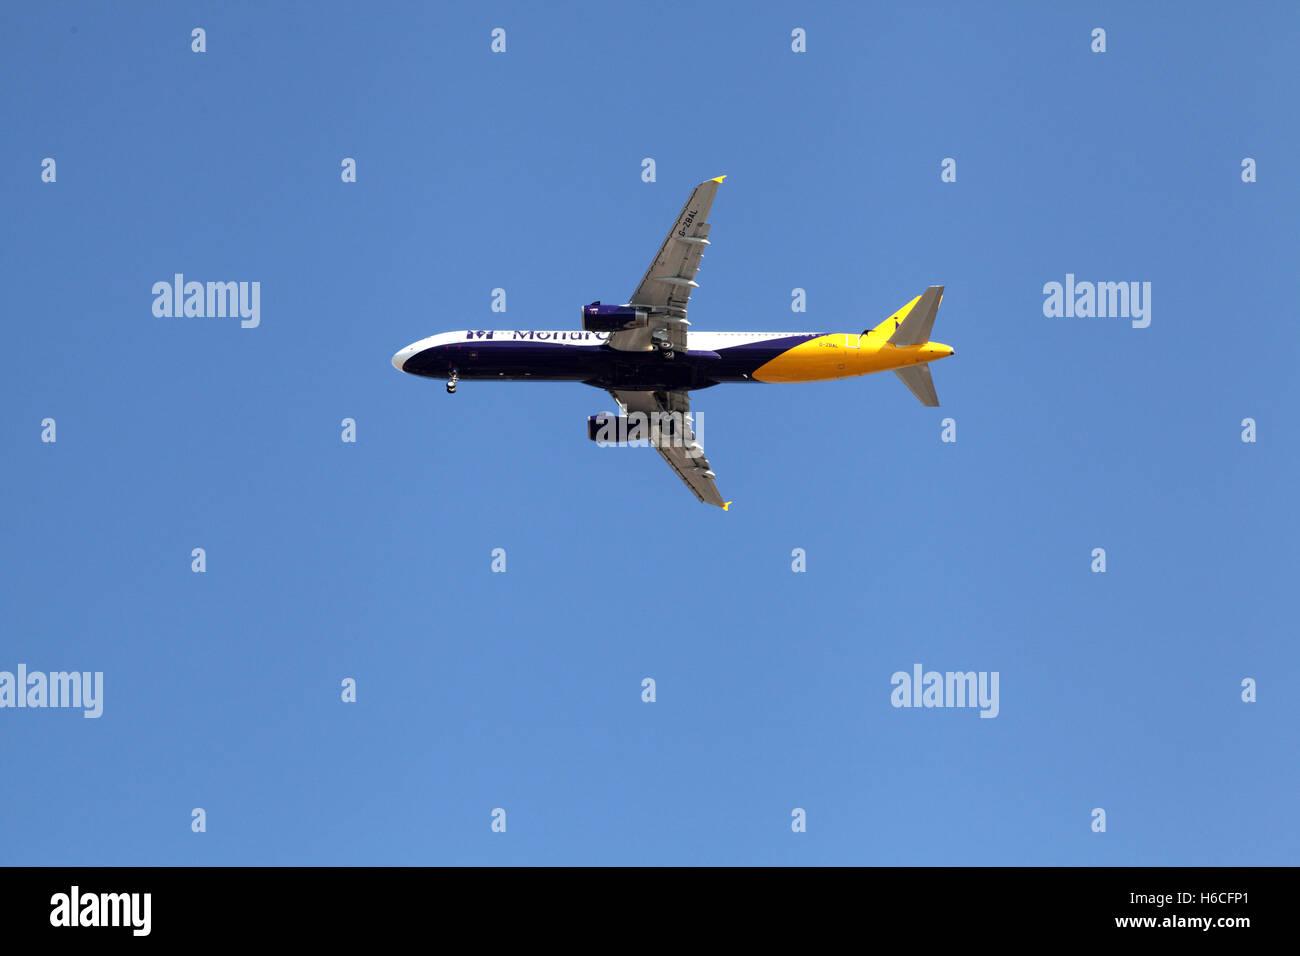 La compañía aérea Monarch aerolínea británica avión cerca de la tierra a los turistas Imagen De Stock